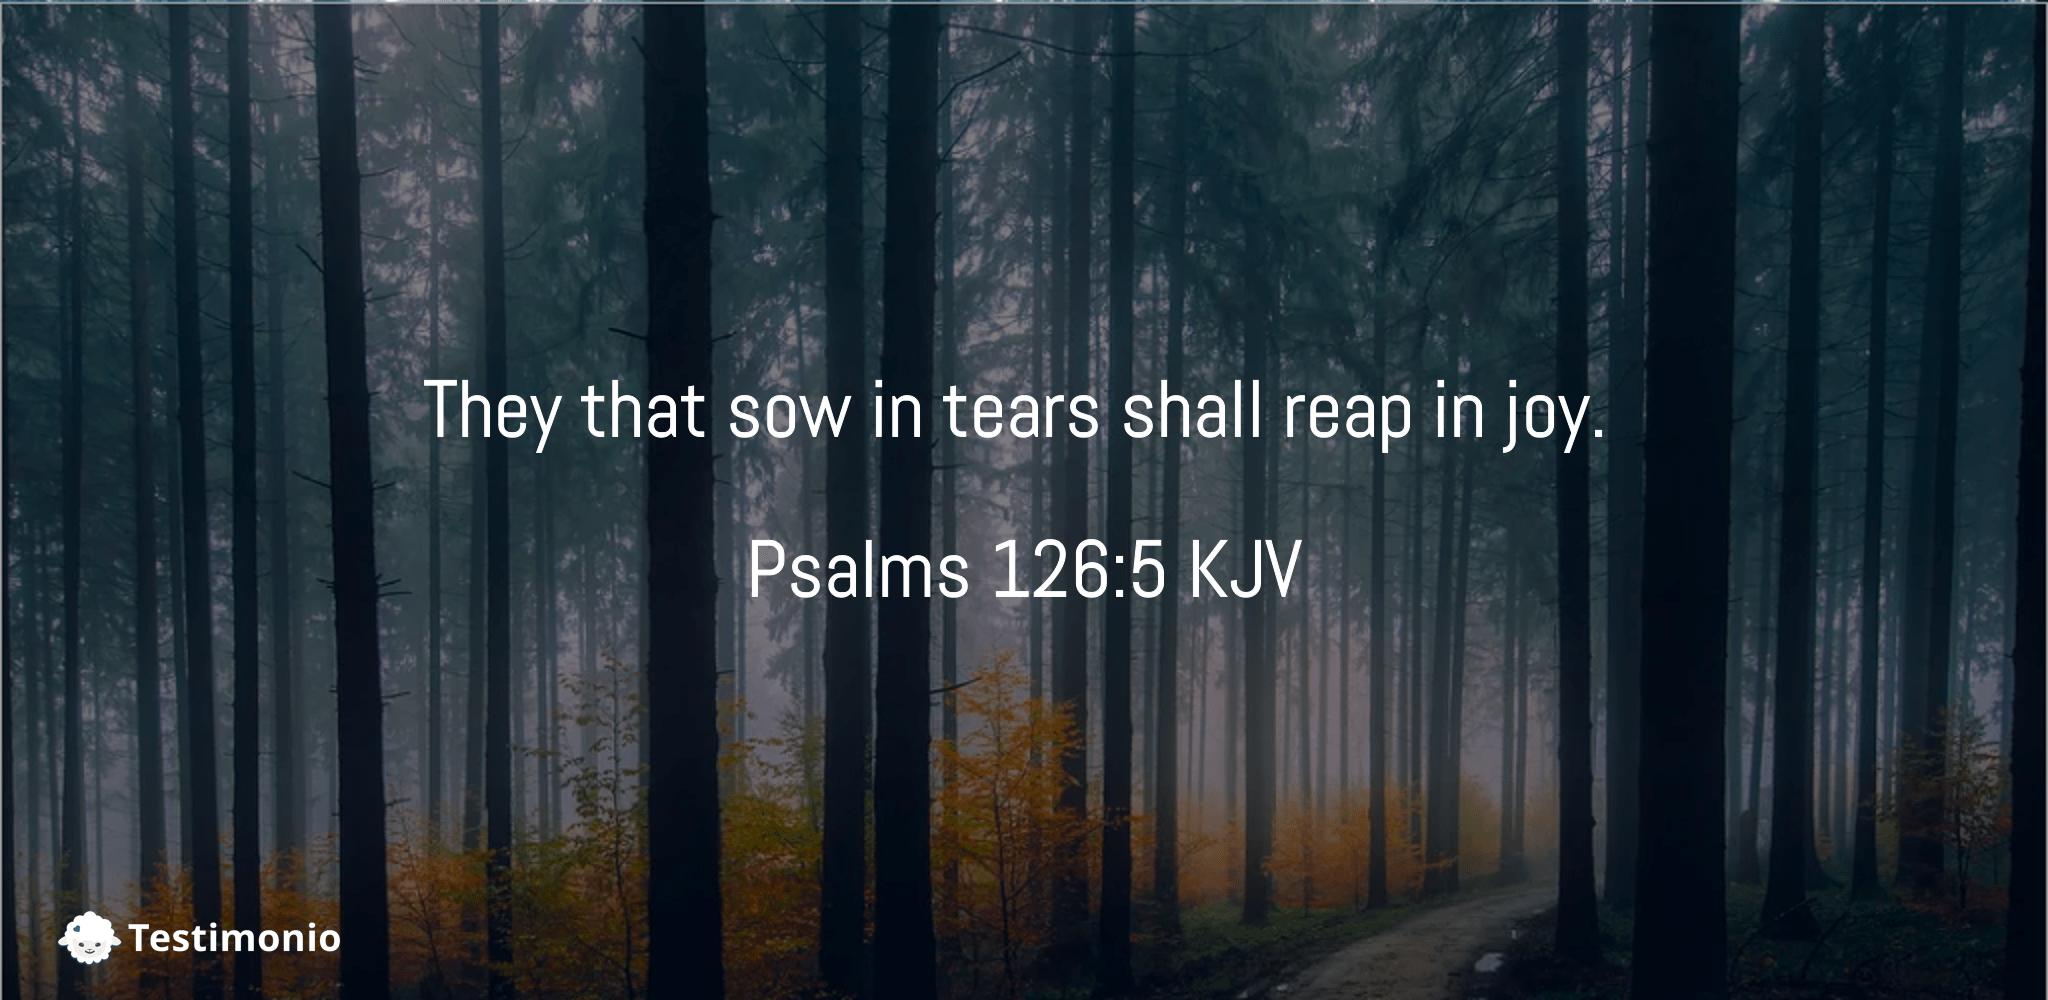 Psalms 126:5